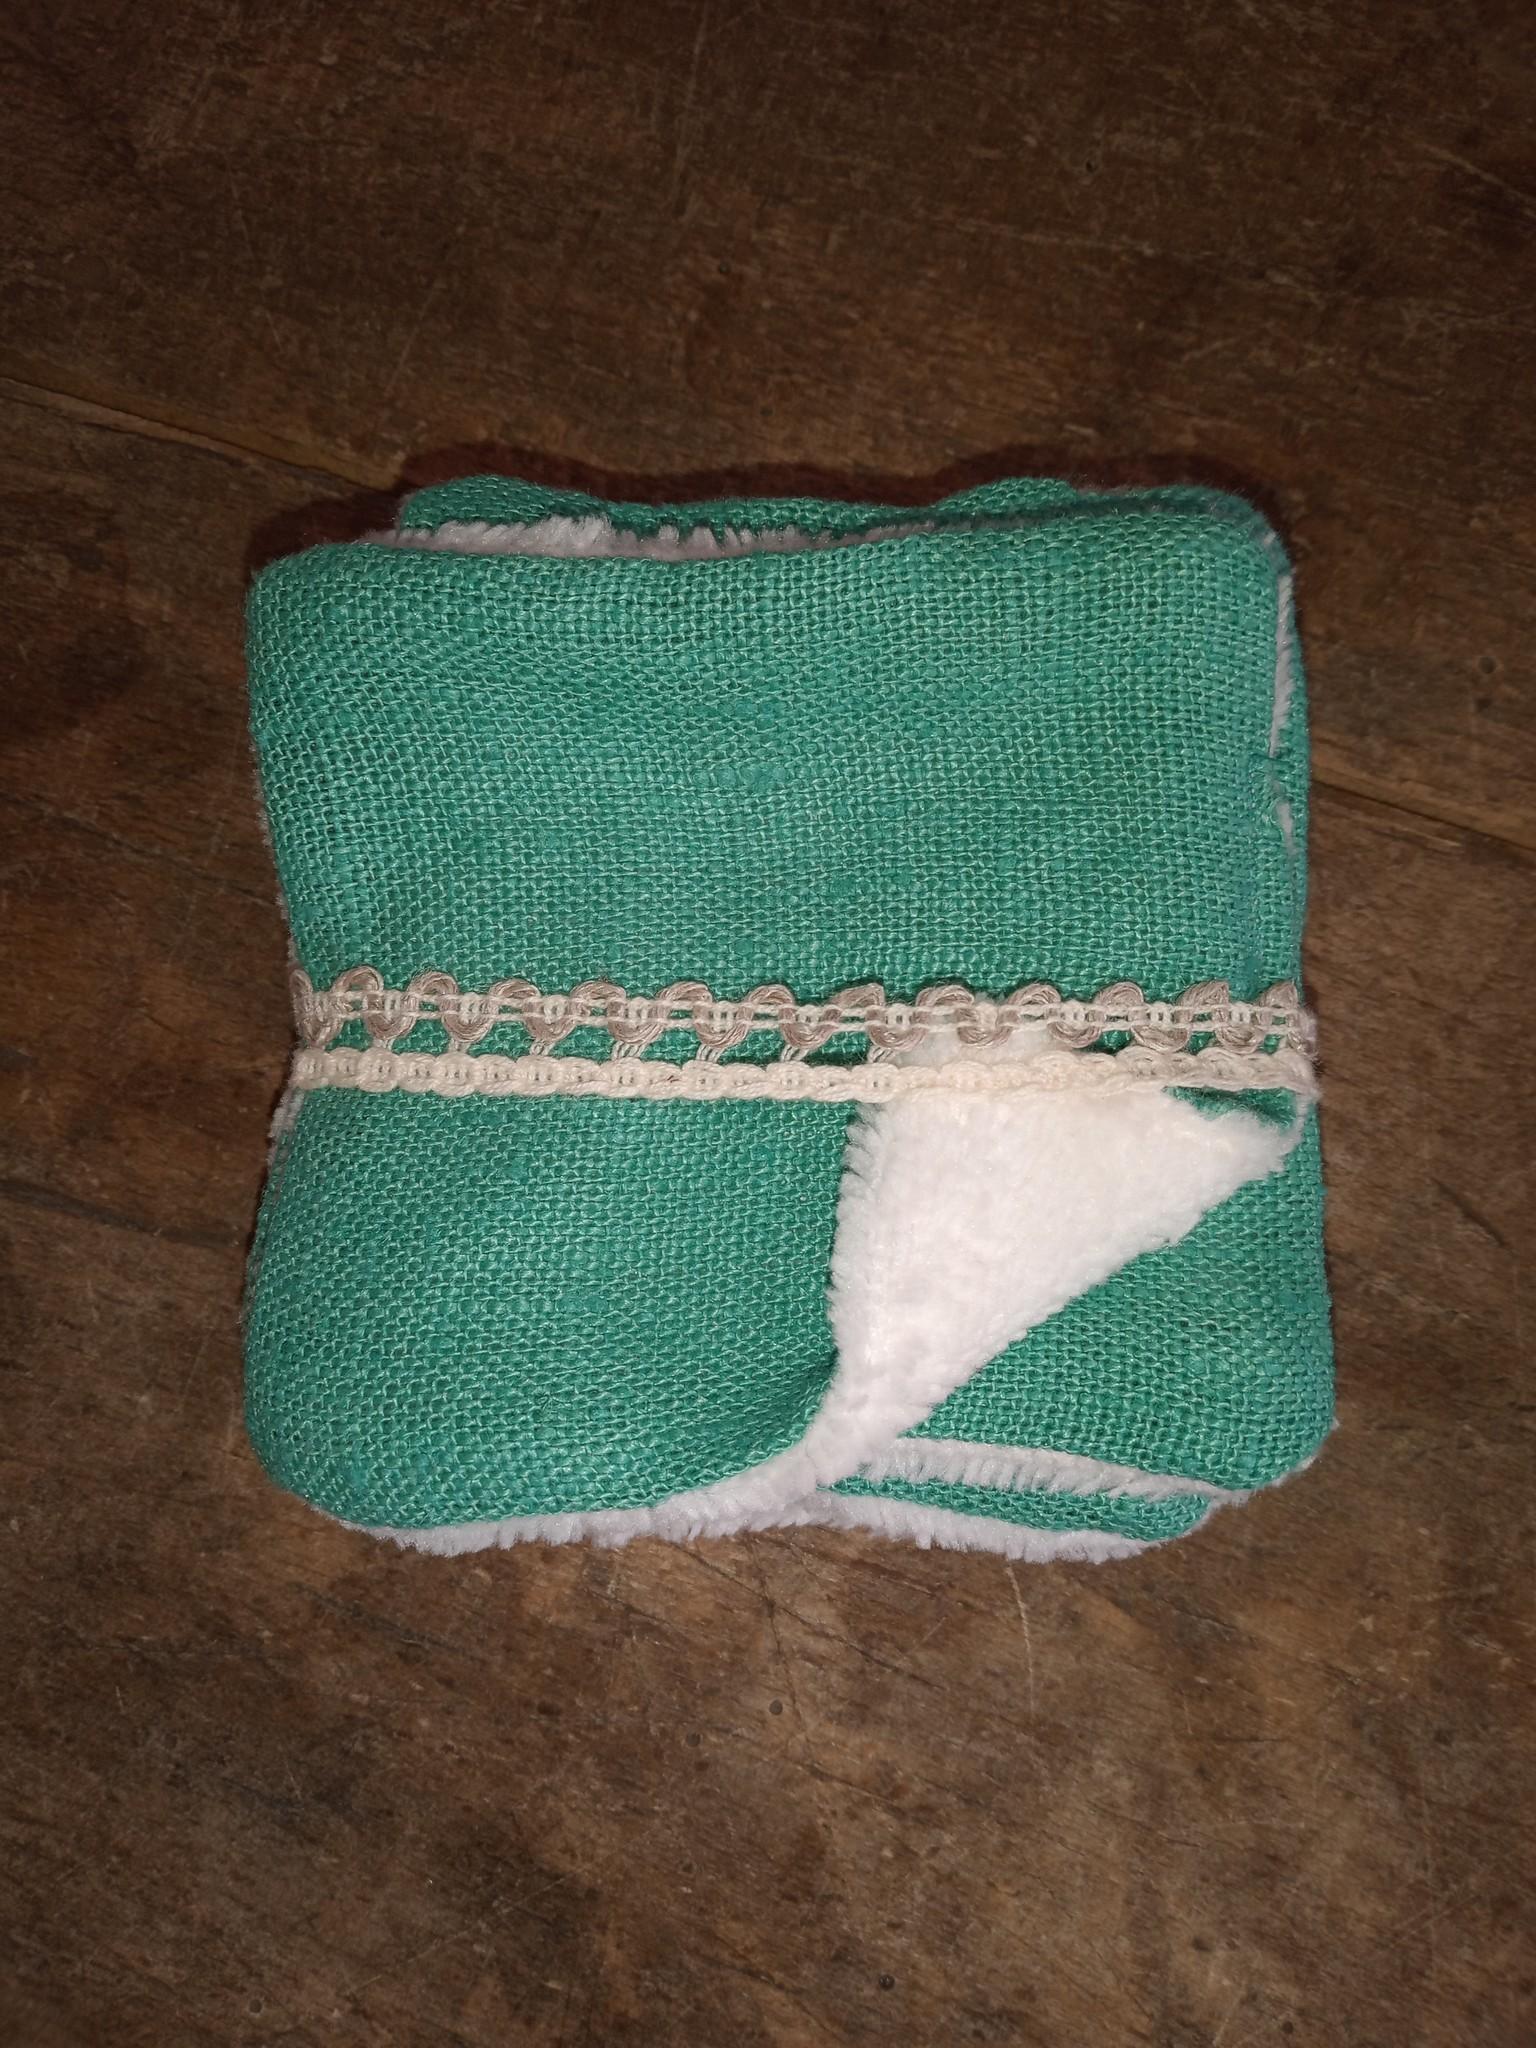 Le grenier du lin Batch of 5 wipes